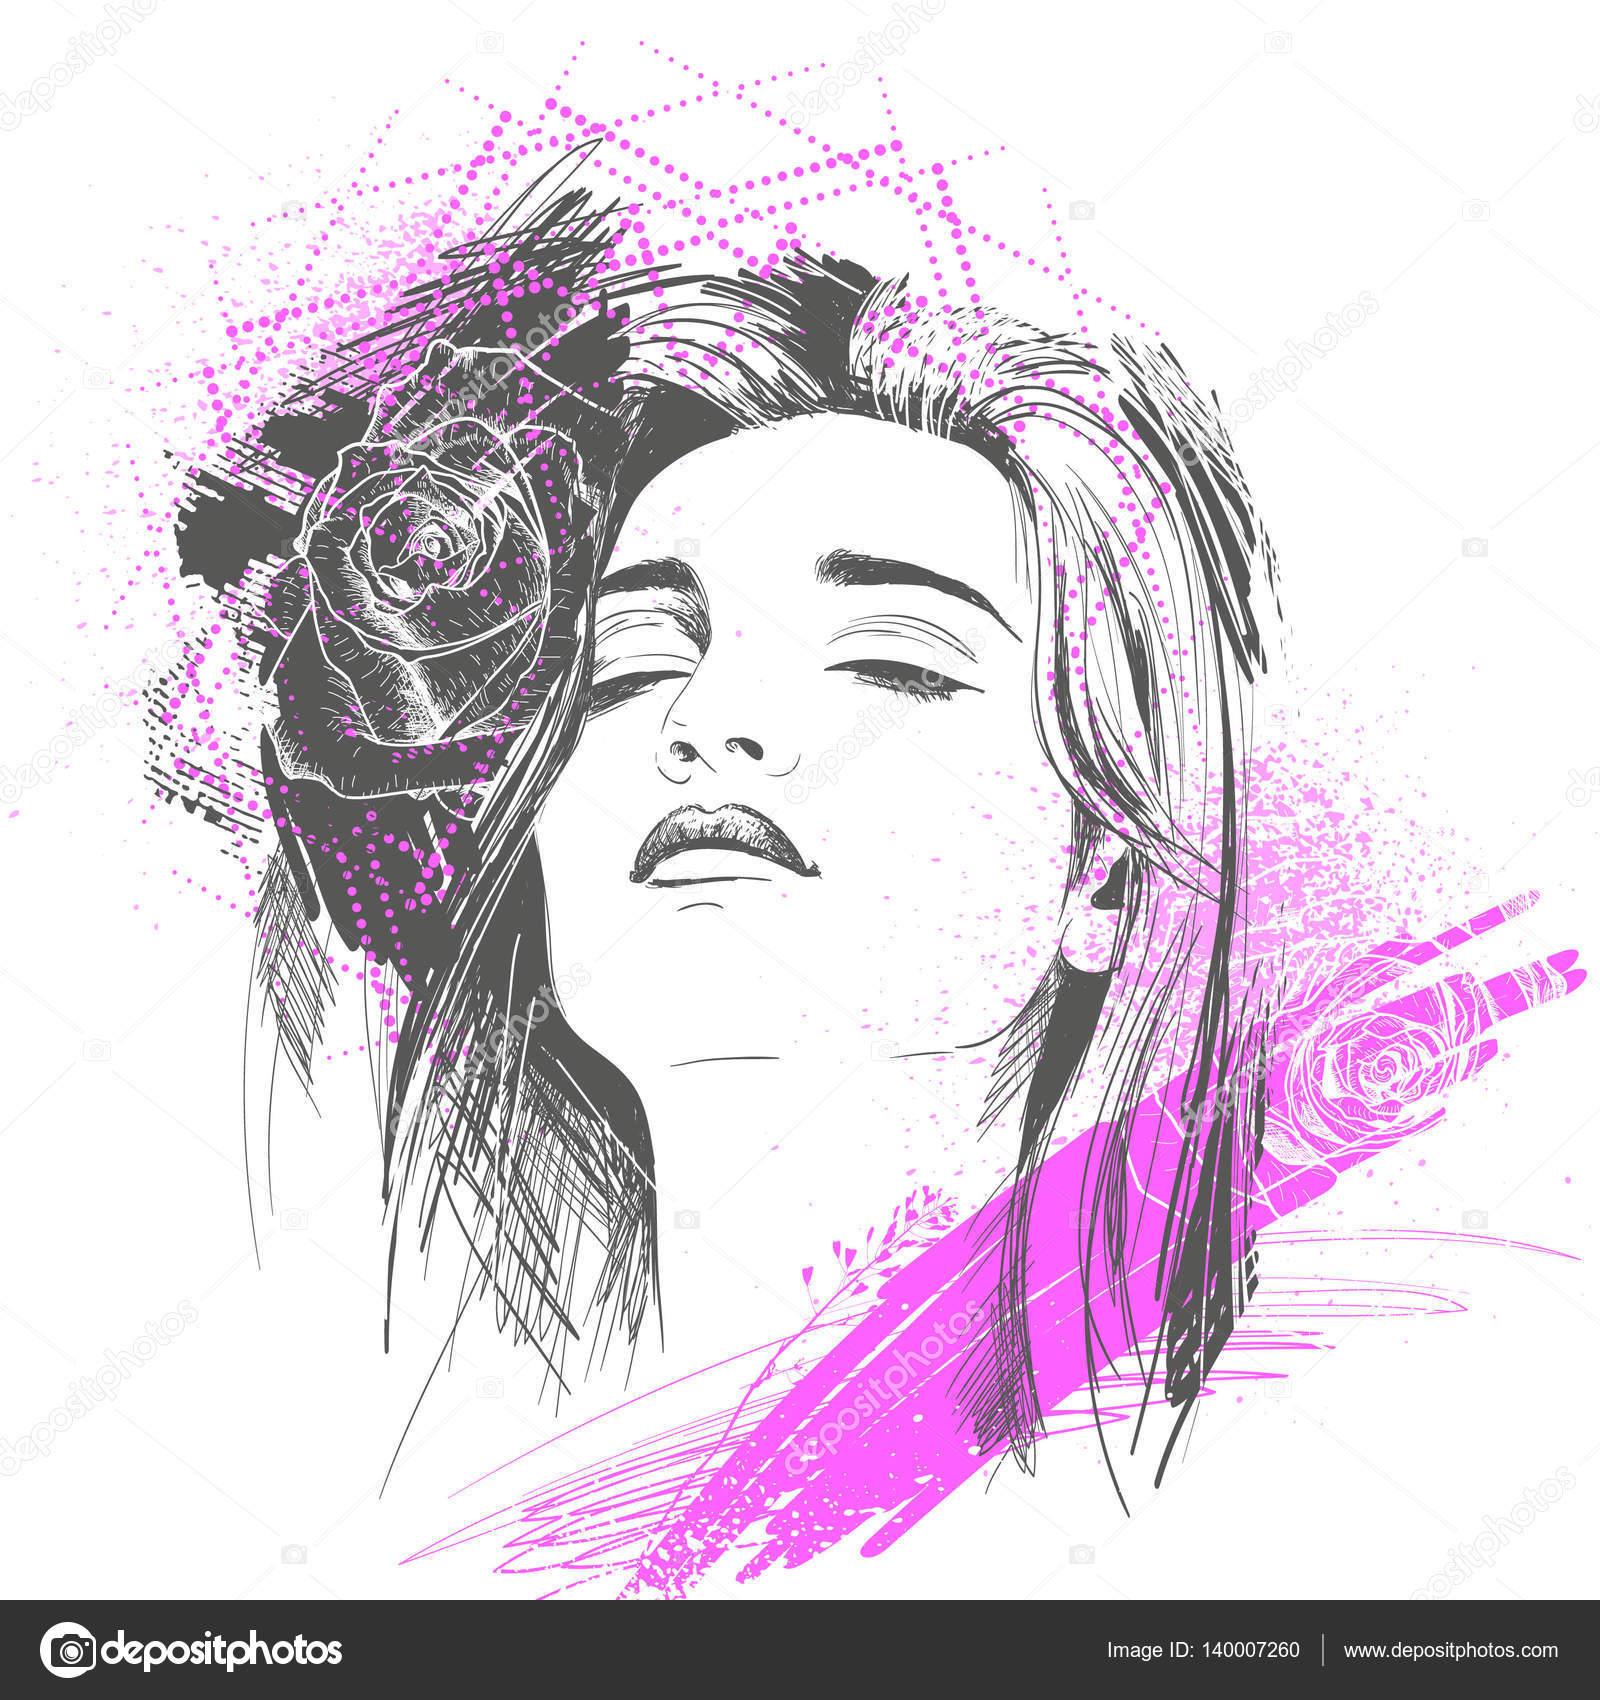 depositphotos_140007260-stock-illustration-image-of-girl-face-framed.jpg